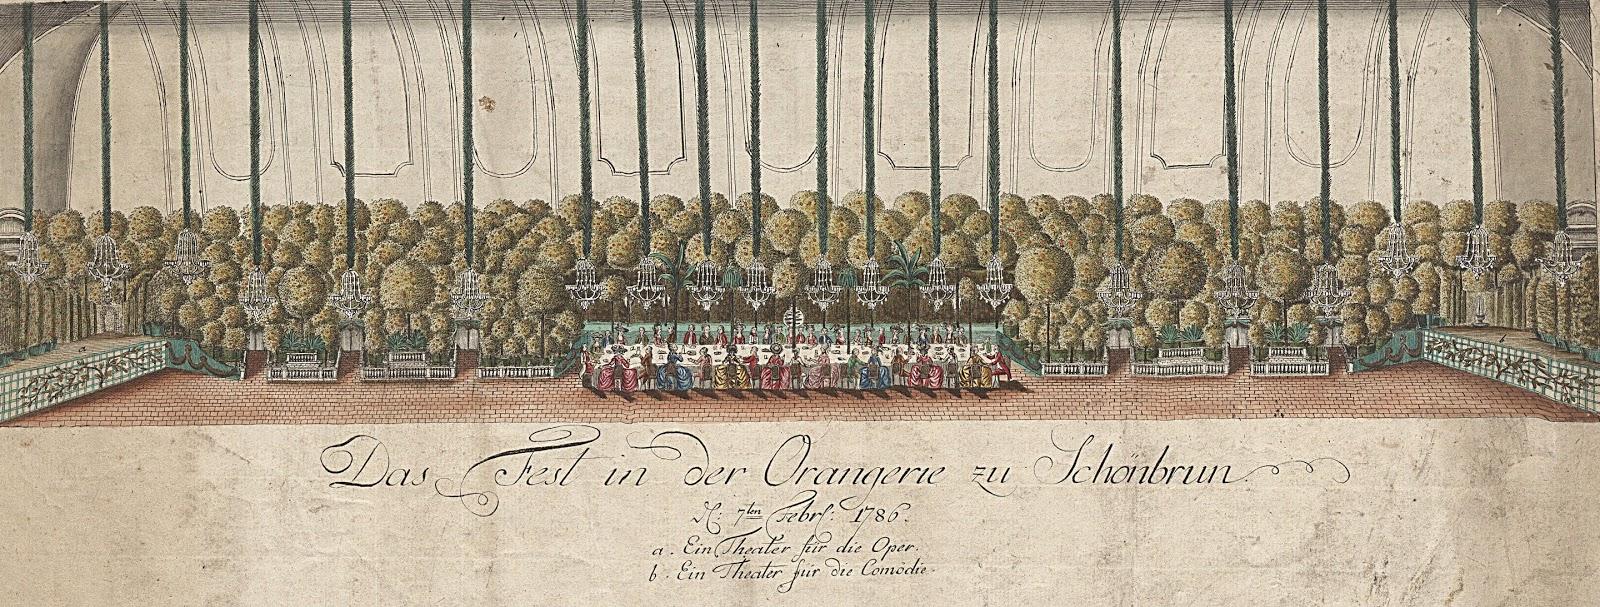 Das_Fest_in_der_Orangerie_zu_Schoenbrun_1786